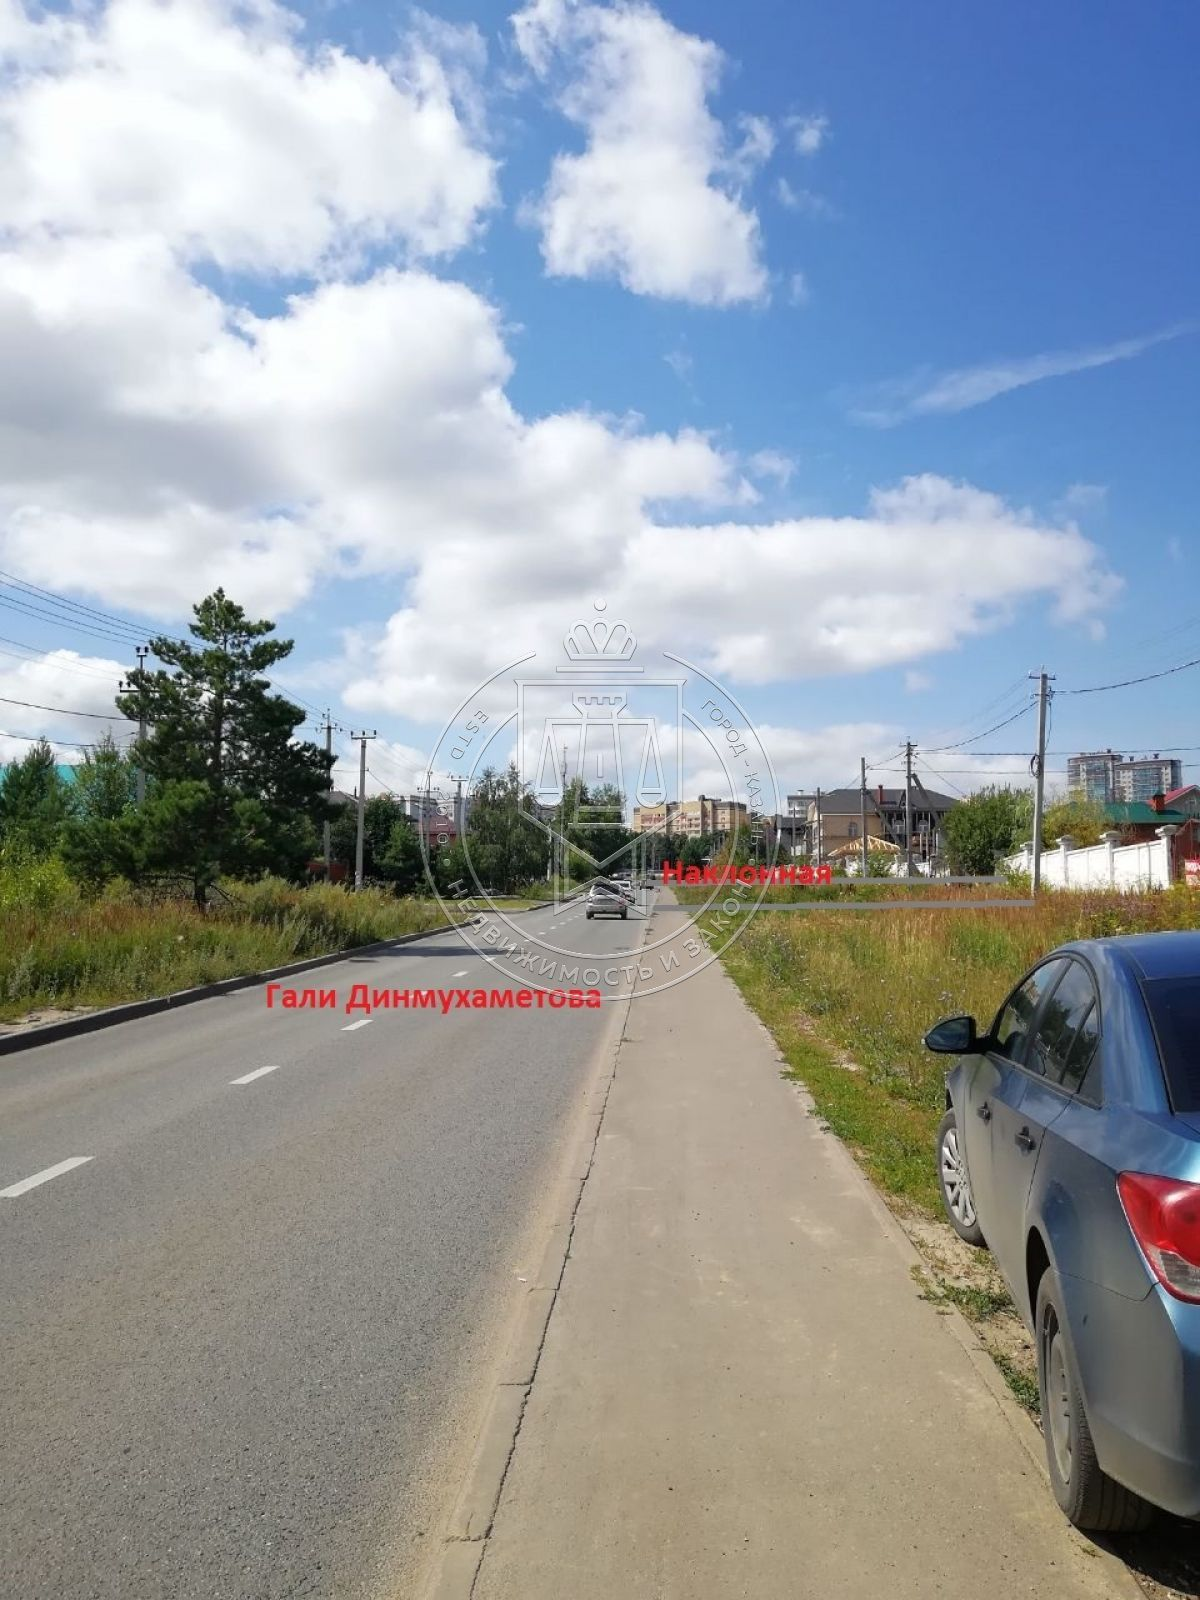 Продажа  участка Вознесение, ул Гали Динмухаметова, 1